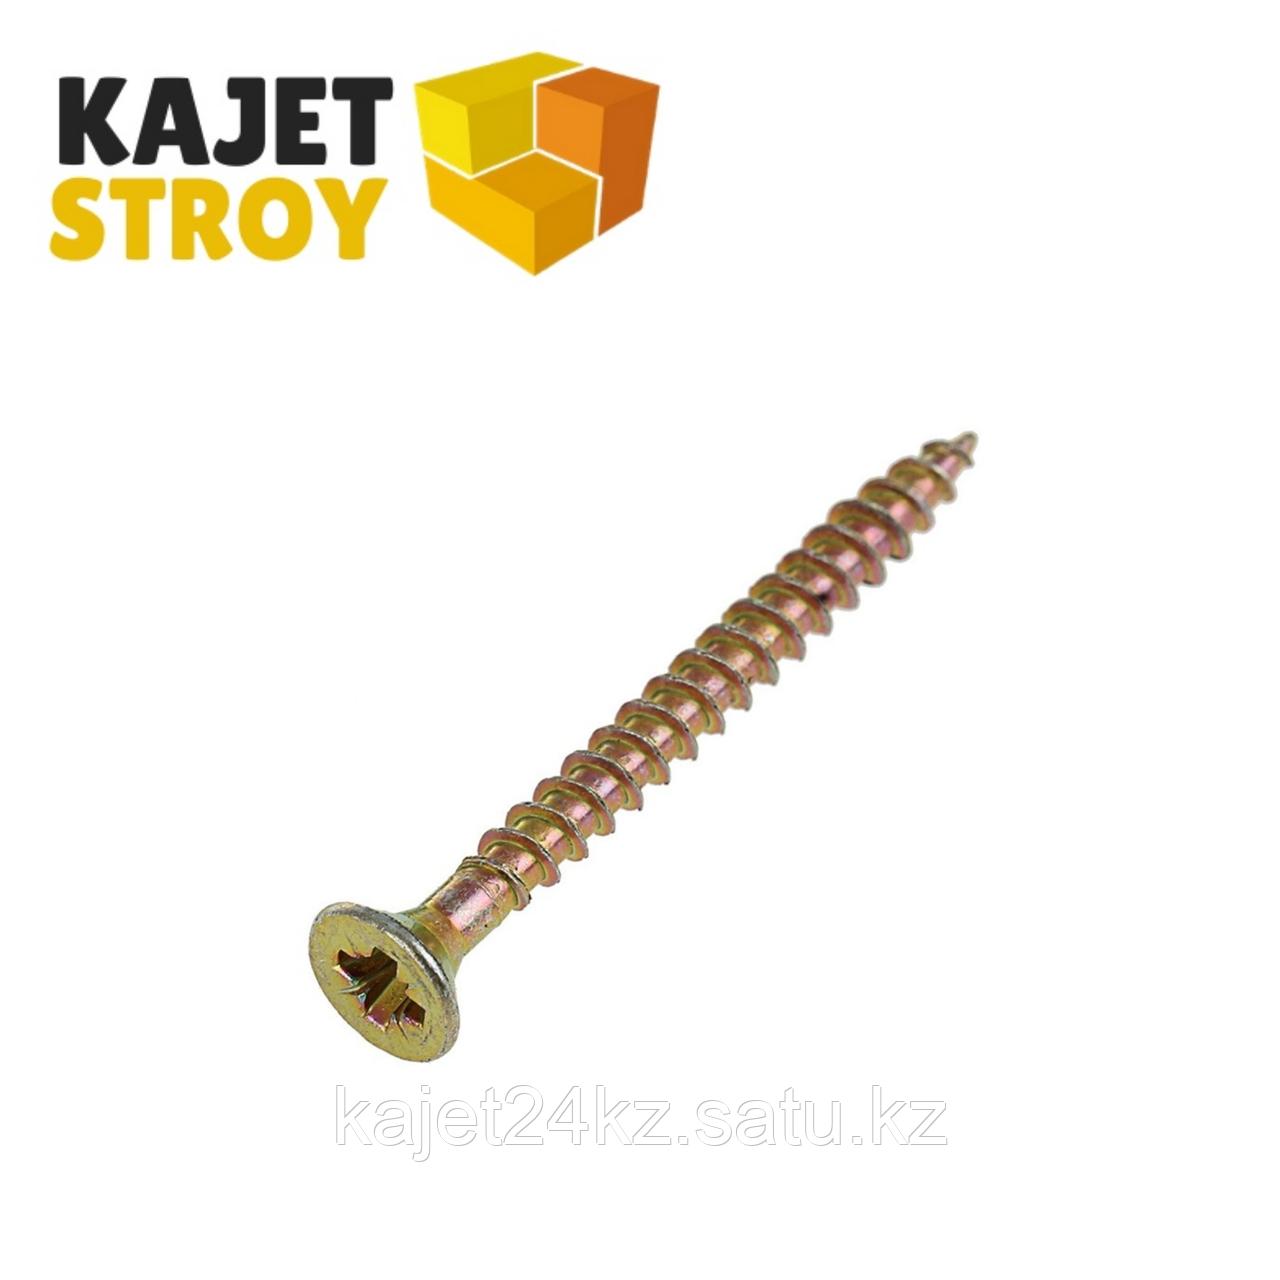 Шуруп универсальный, 5,0х40, желтопассированный (МП - 10шт.) // ЦК